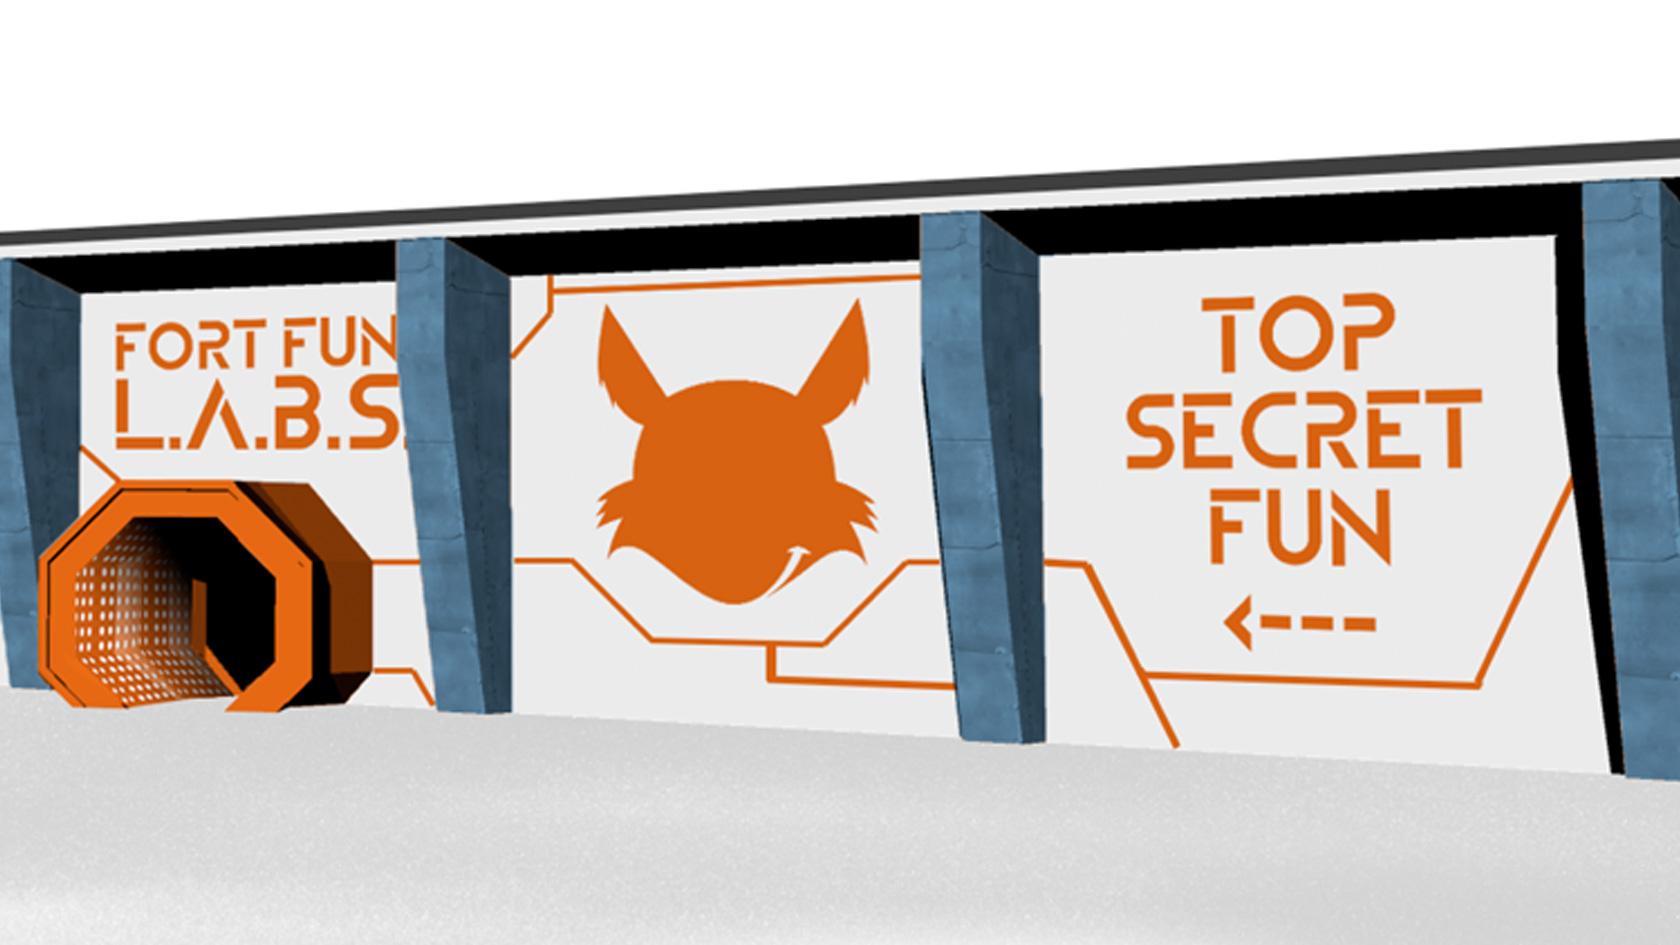 Berühmt Cisco Setzt Telnet Sitzung Fort Zeitgenössisch - Entry Level ...